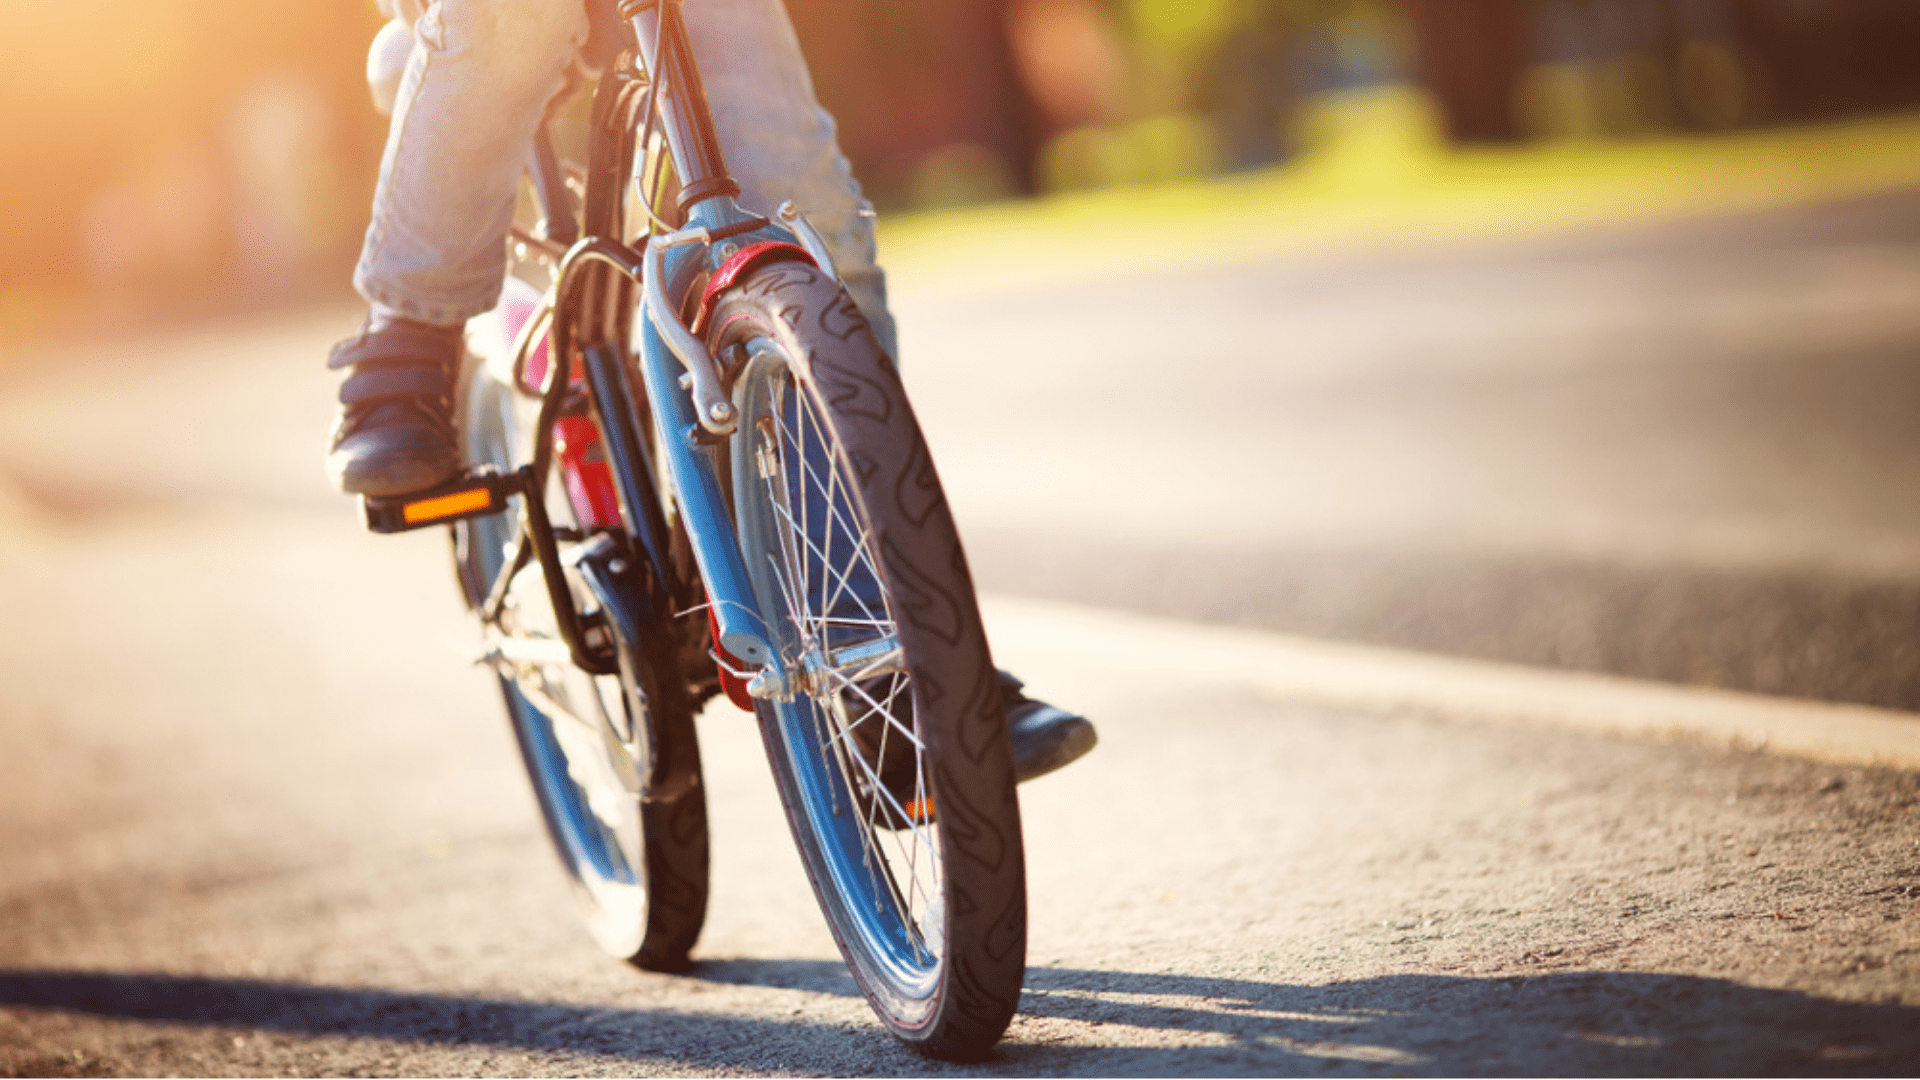 Veja a nossa seleção das melhores bicicletas infantis para comprar em 2020! (Imagem: Reprodução/Shutterstock)